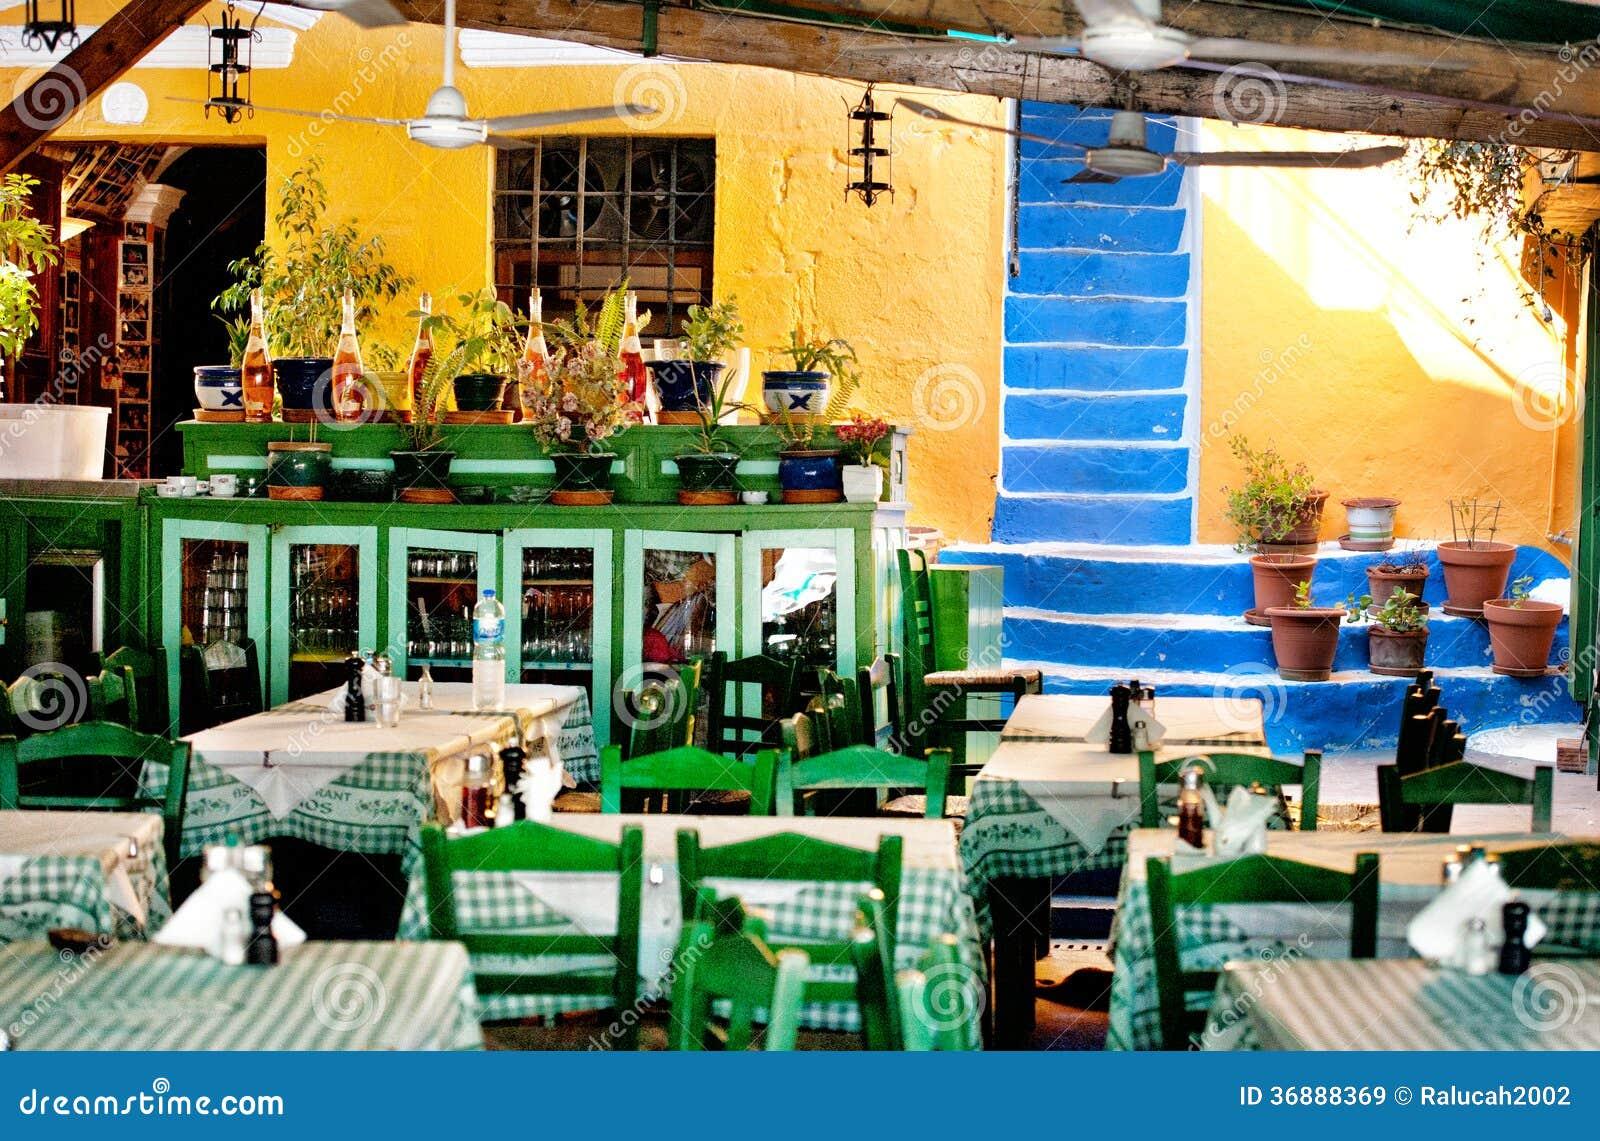 Download Taverna in Symi immagine stock editoriale. Immagine di colorful - 36888369